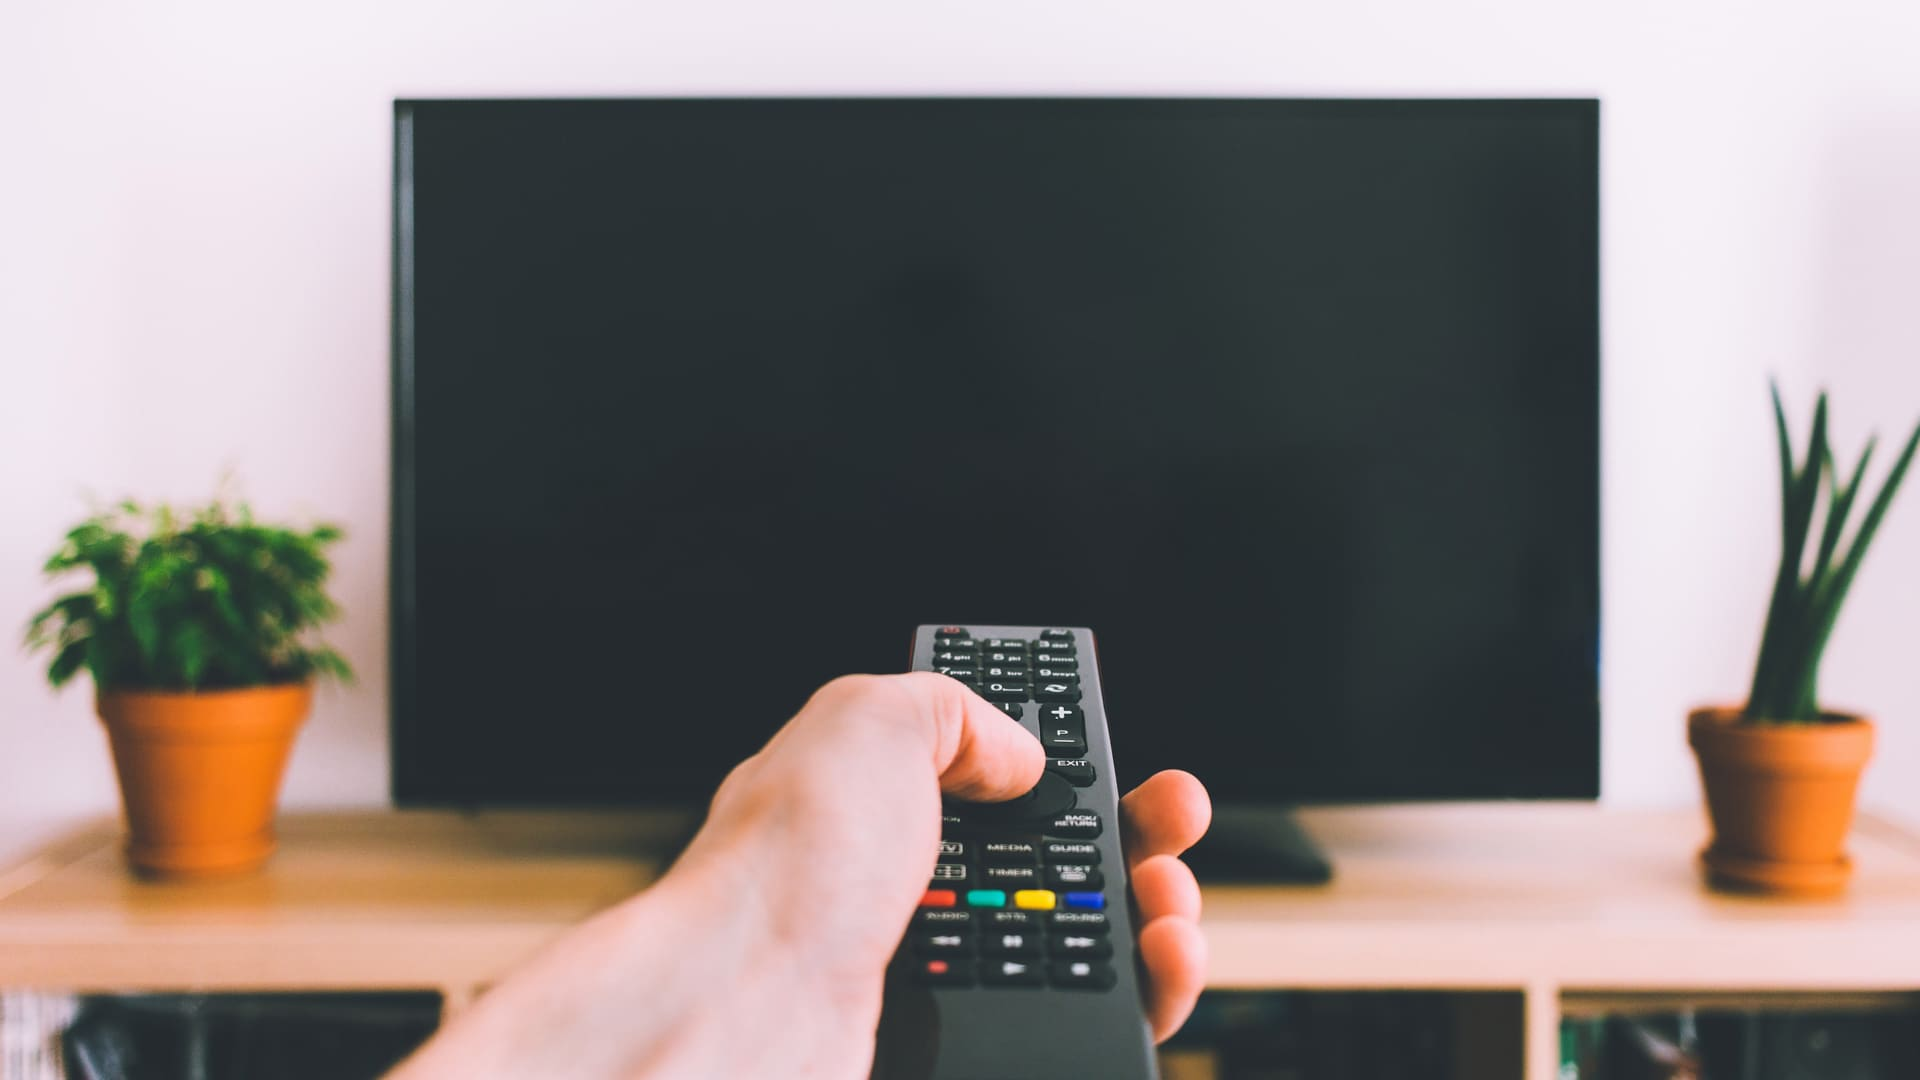 Confira as opções e encontre a melhor TV 43 polegadas! (Imagem: Reprodução/Shutterstock)